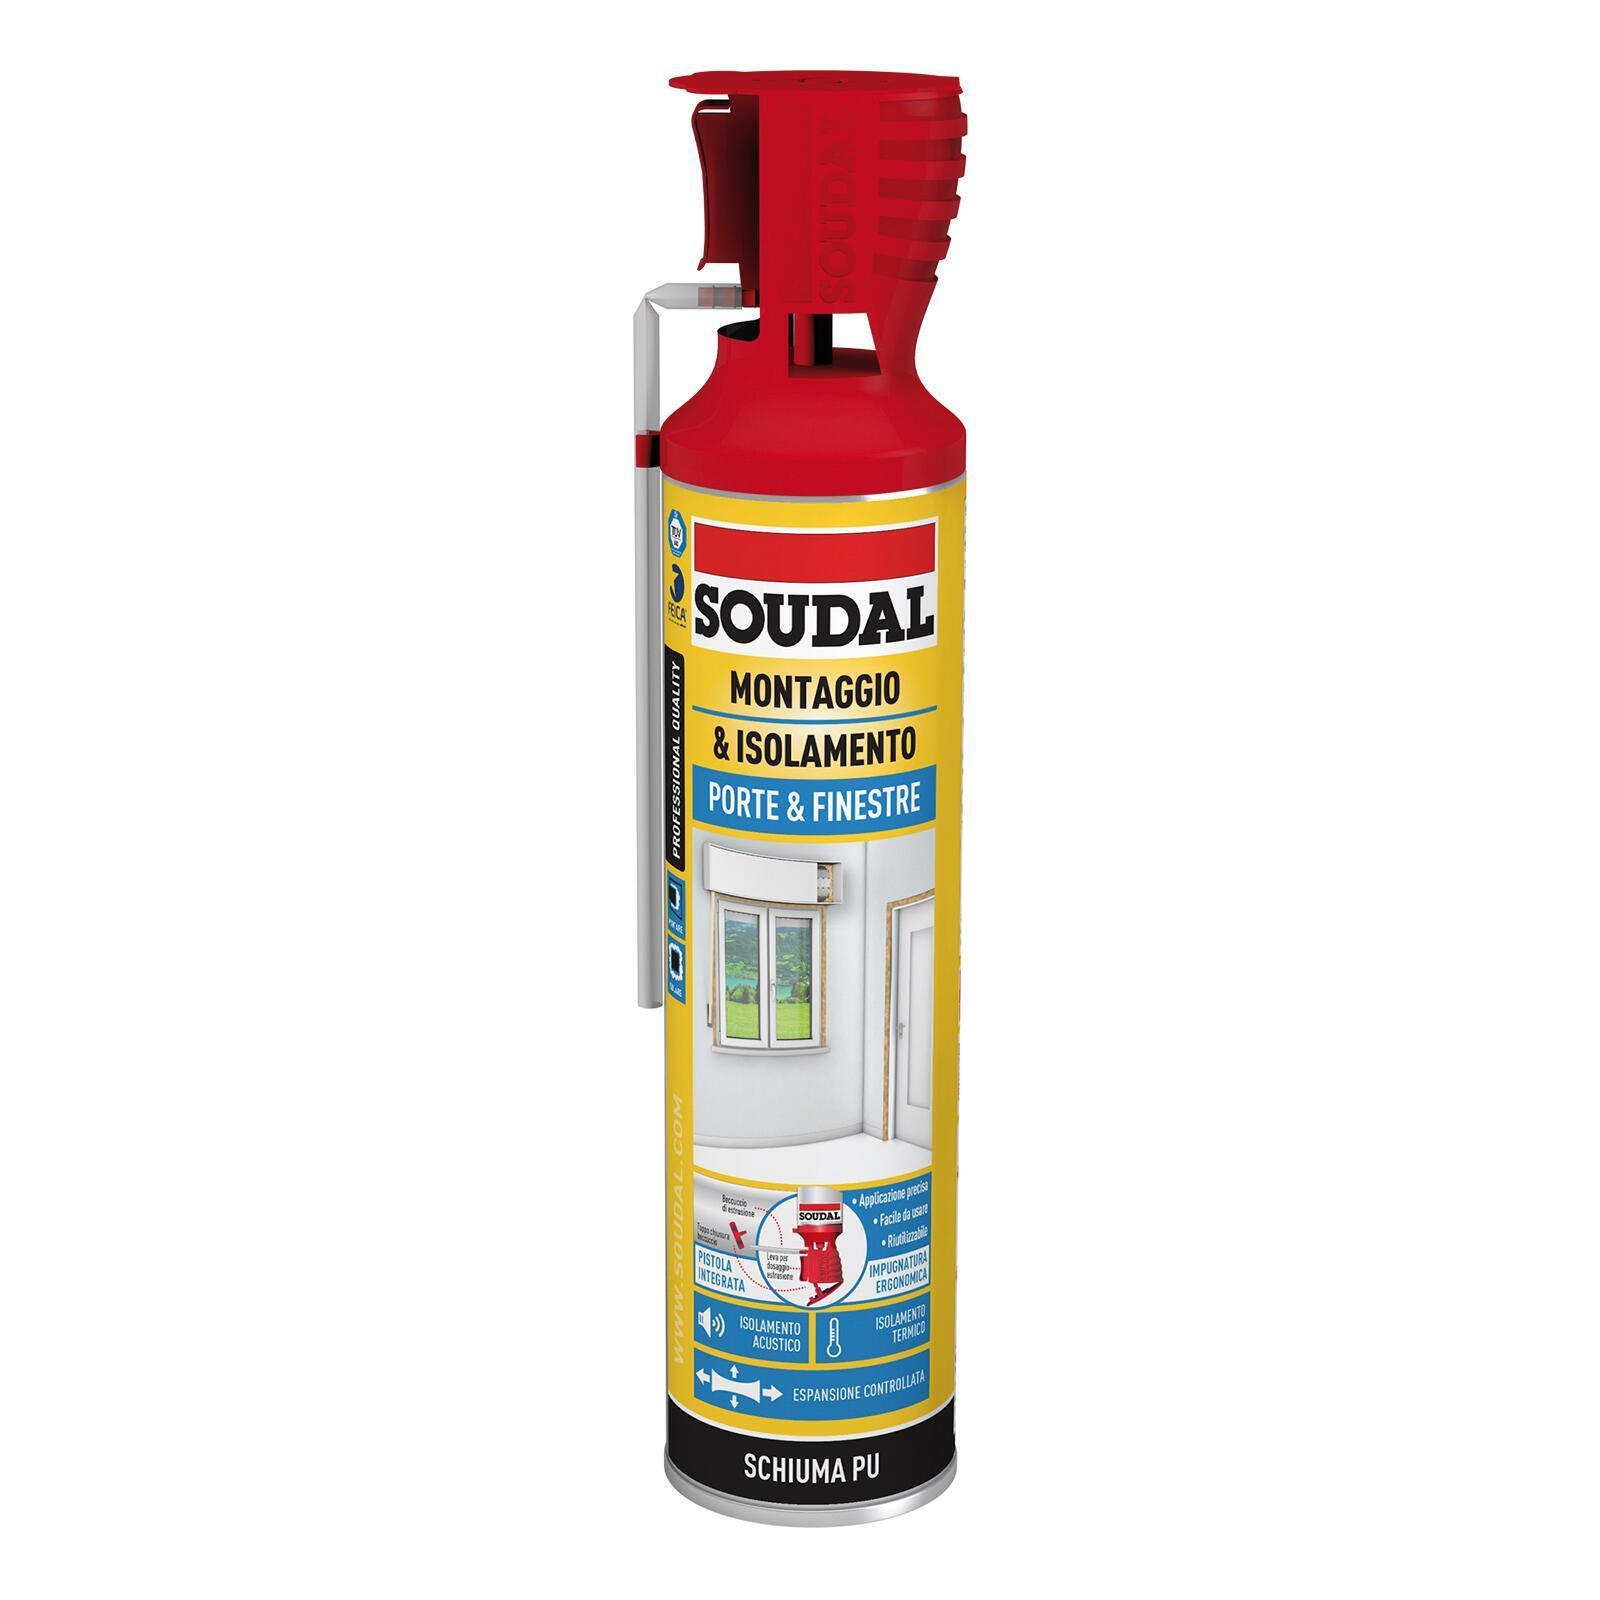 Schiuma di poliuretano SOUDAL Porte e finestre ecru per porta 0,6 ml - 2